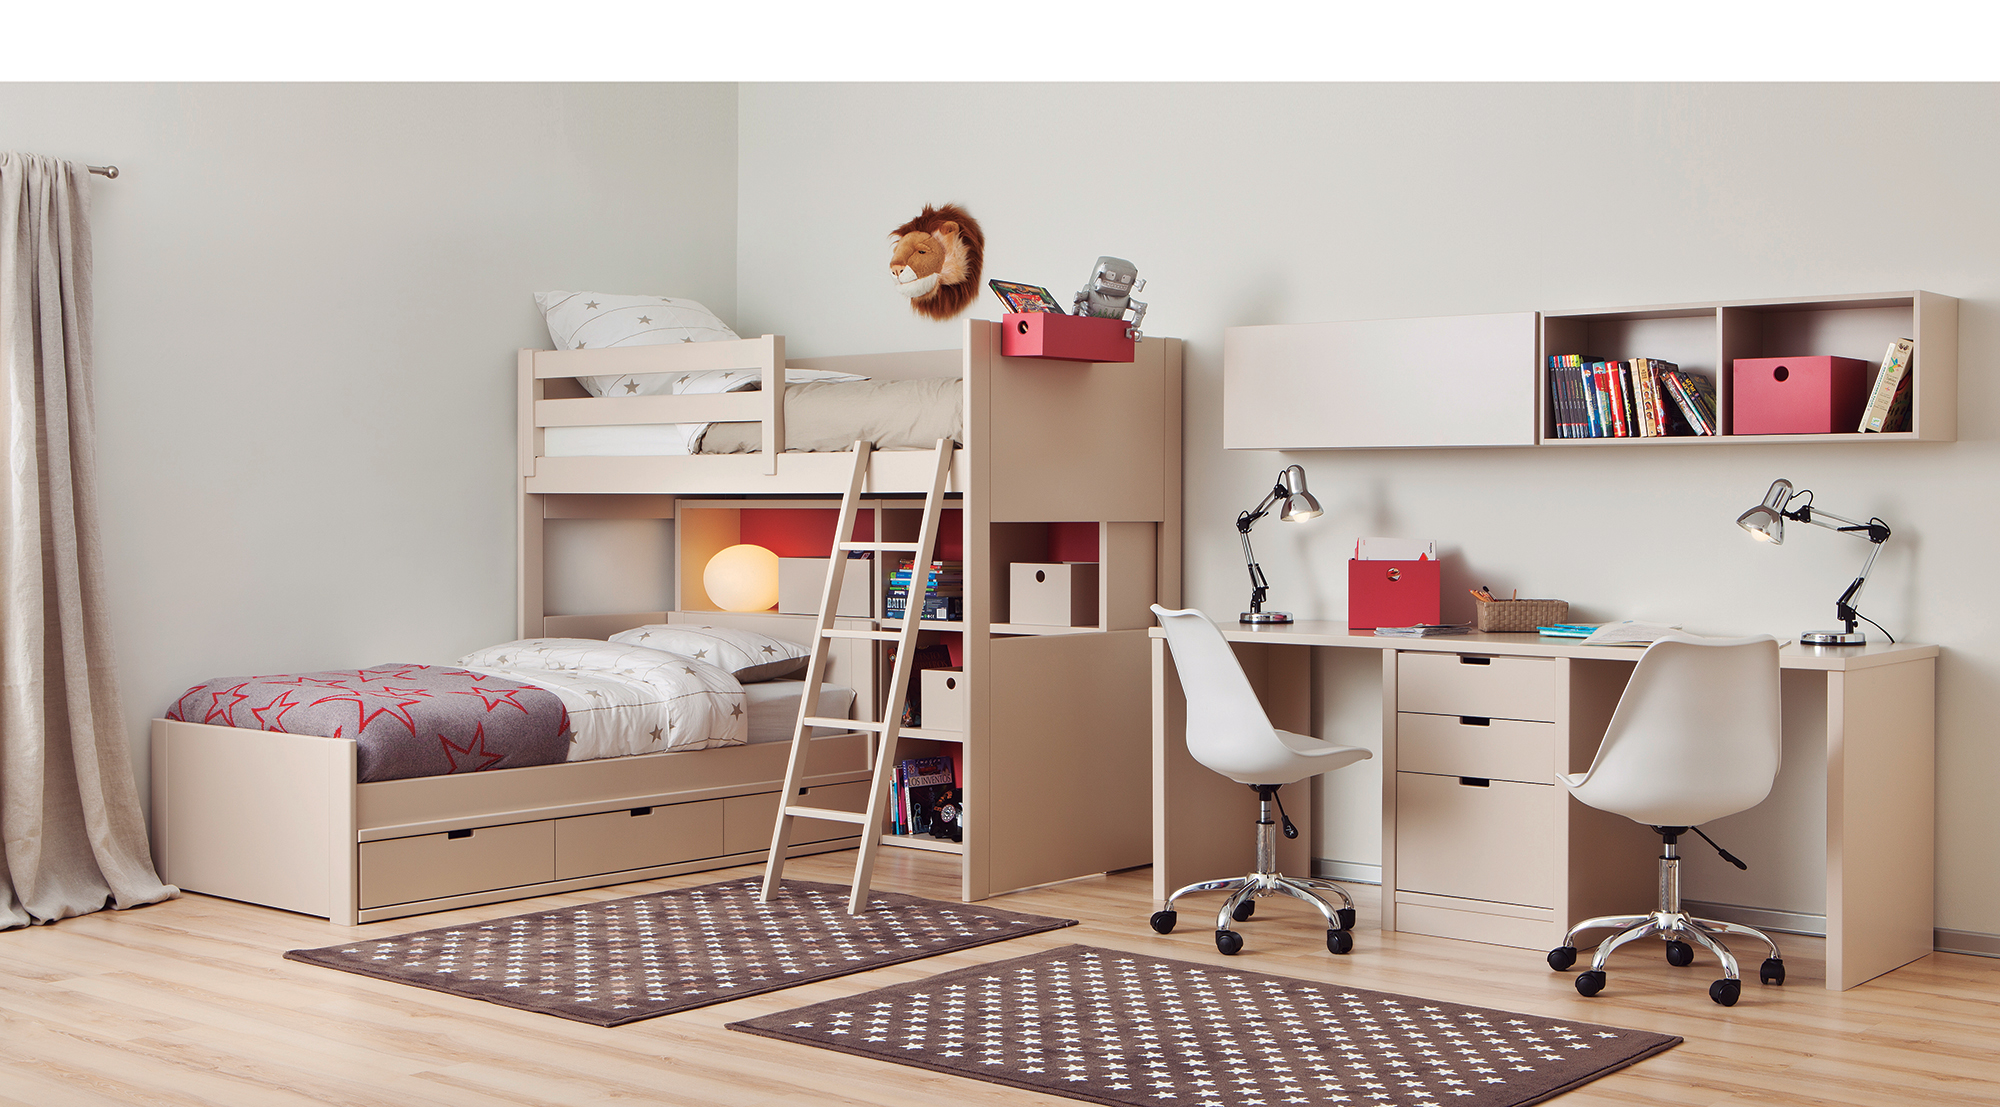 Partage Chambre Fille Garcon comment intégrer un bureau double dans la chambre enfant